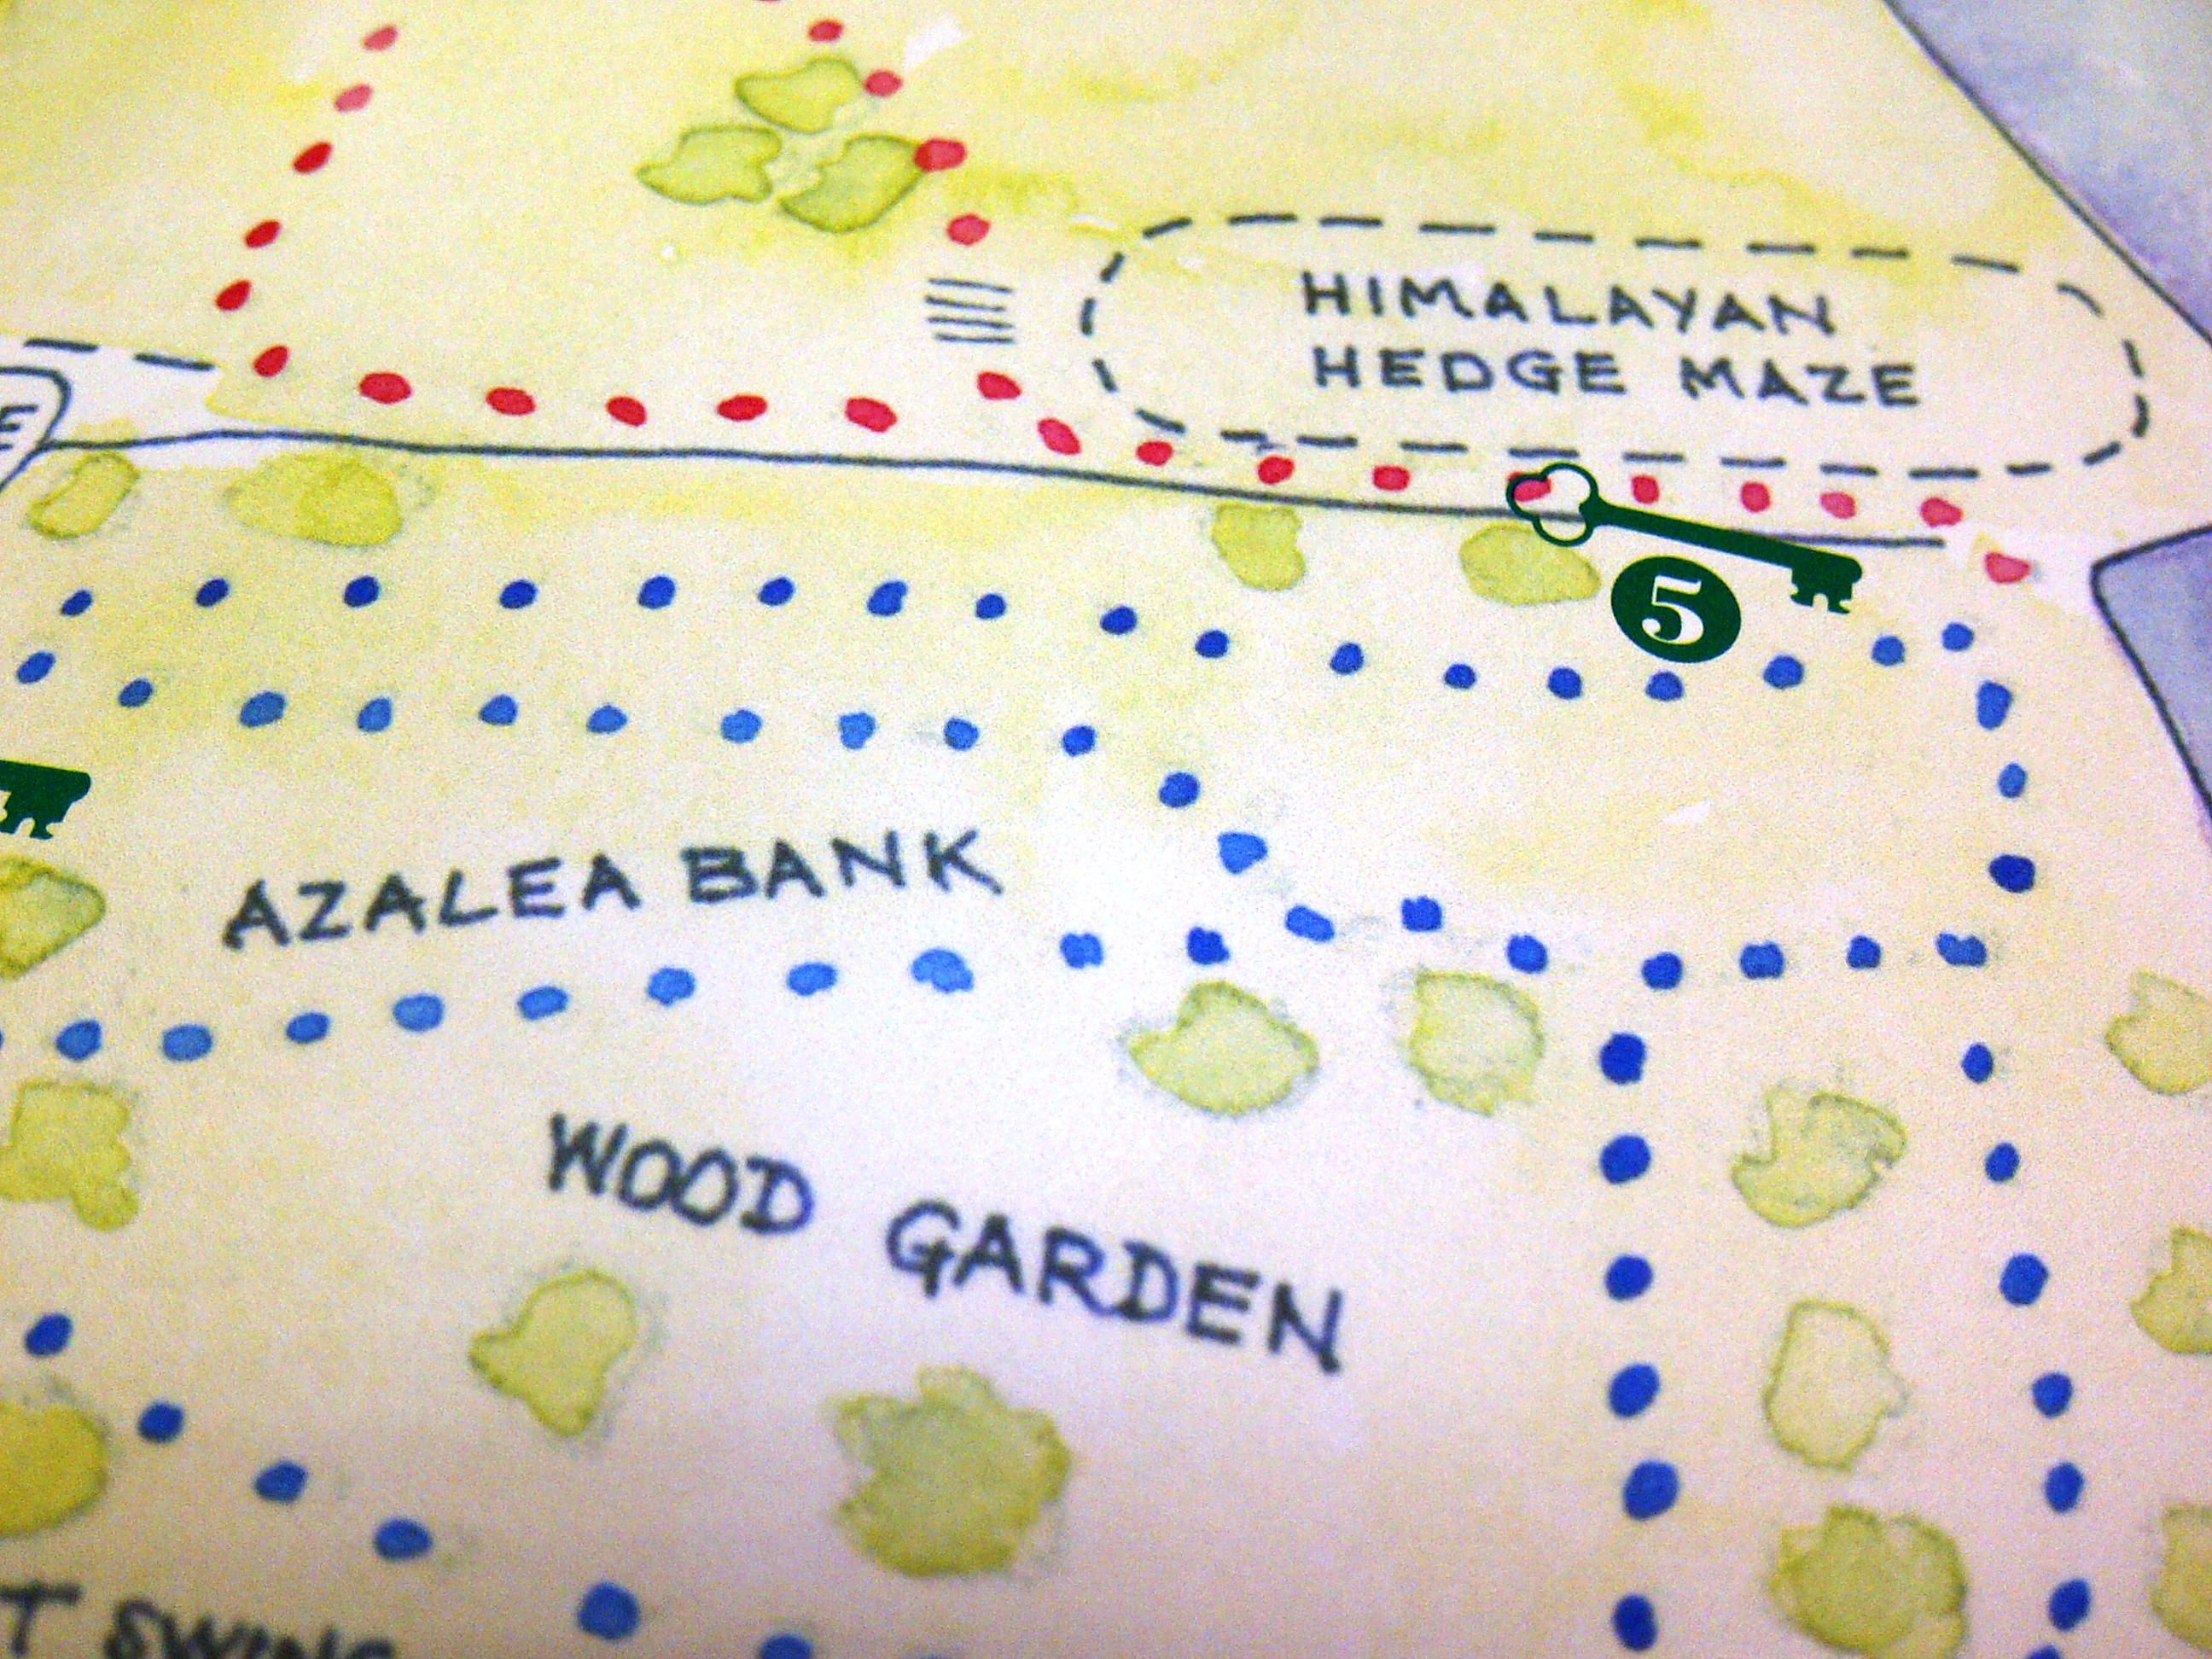 Riverhill Himalayan Gardens, Sevenoaks, garden map